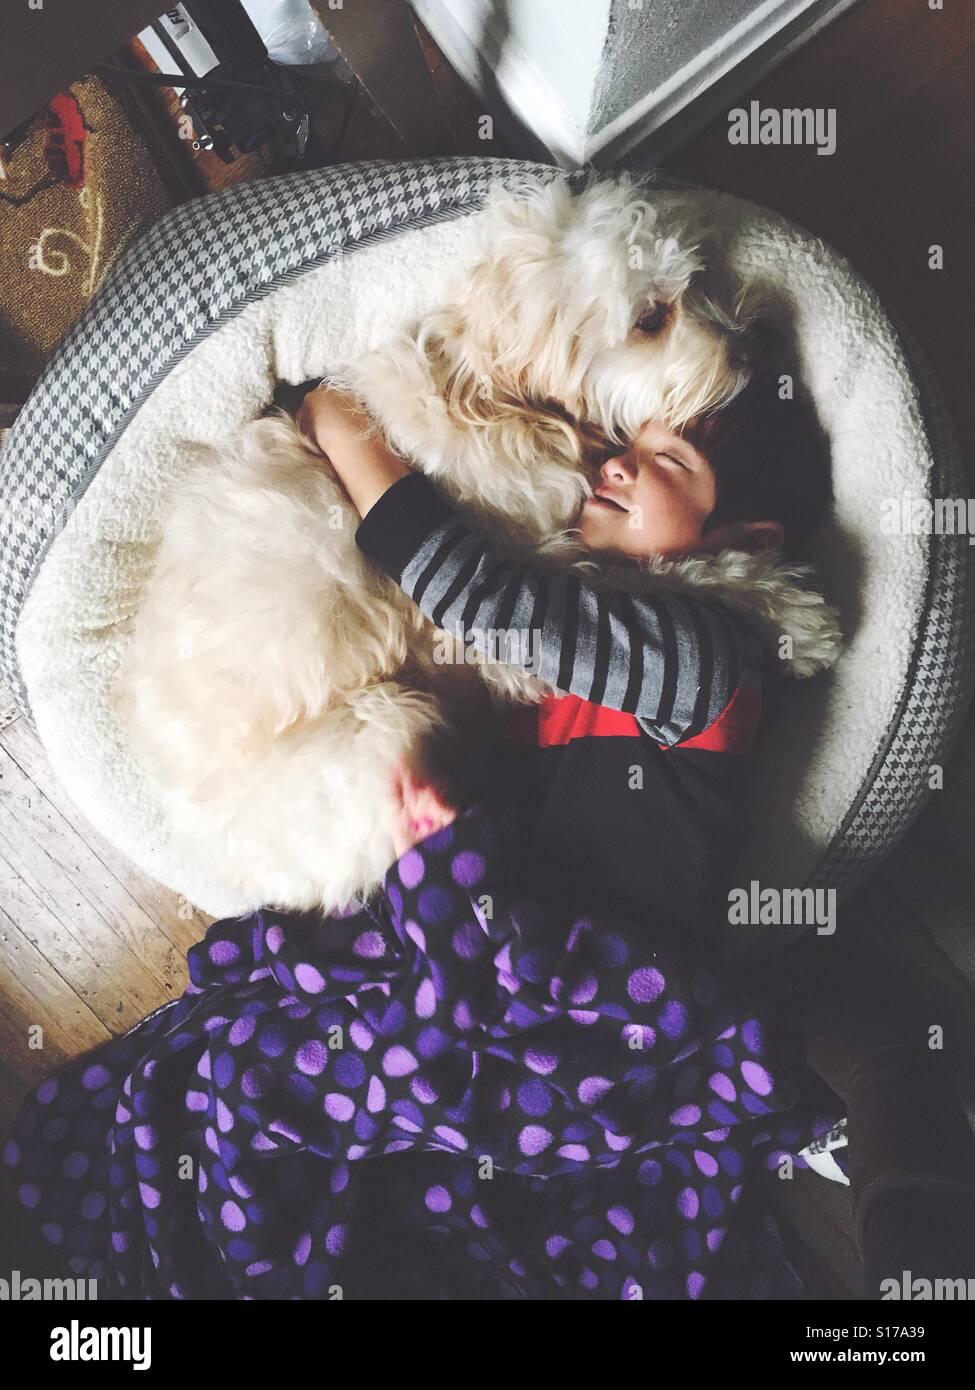 Junge und sein bester Freund kuscheln. Stockfoto